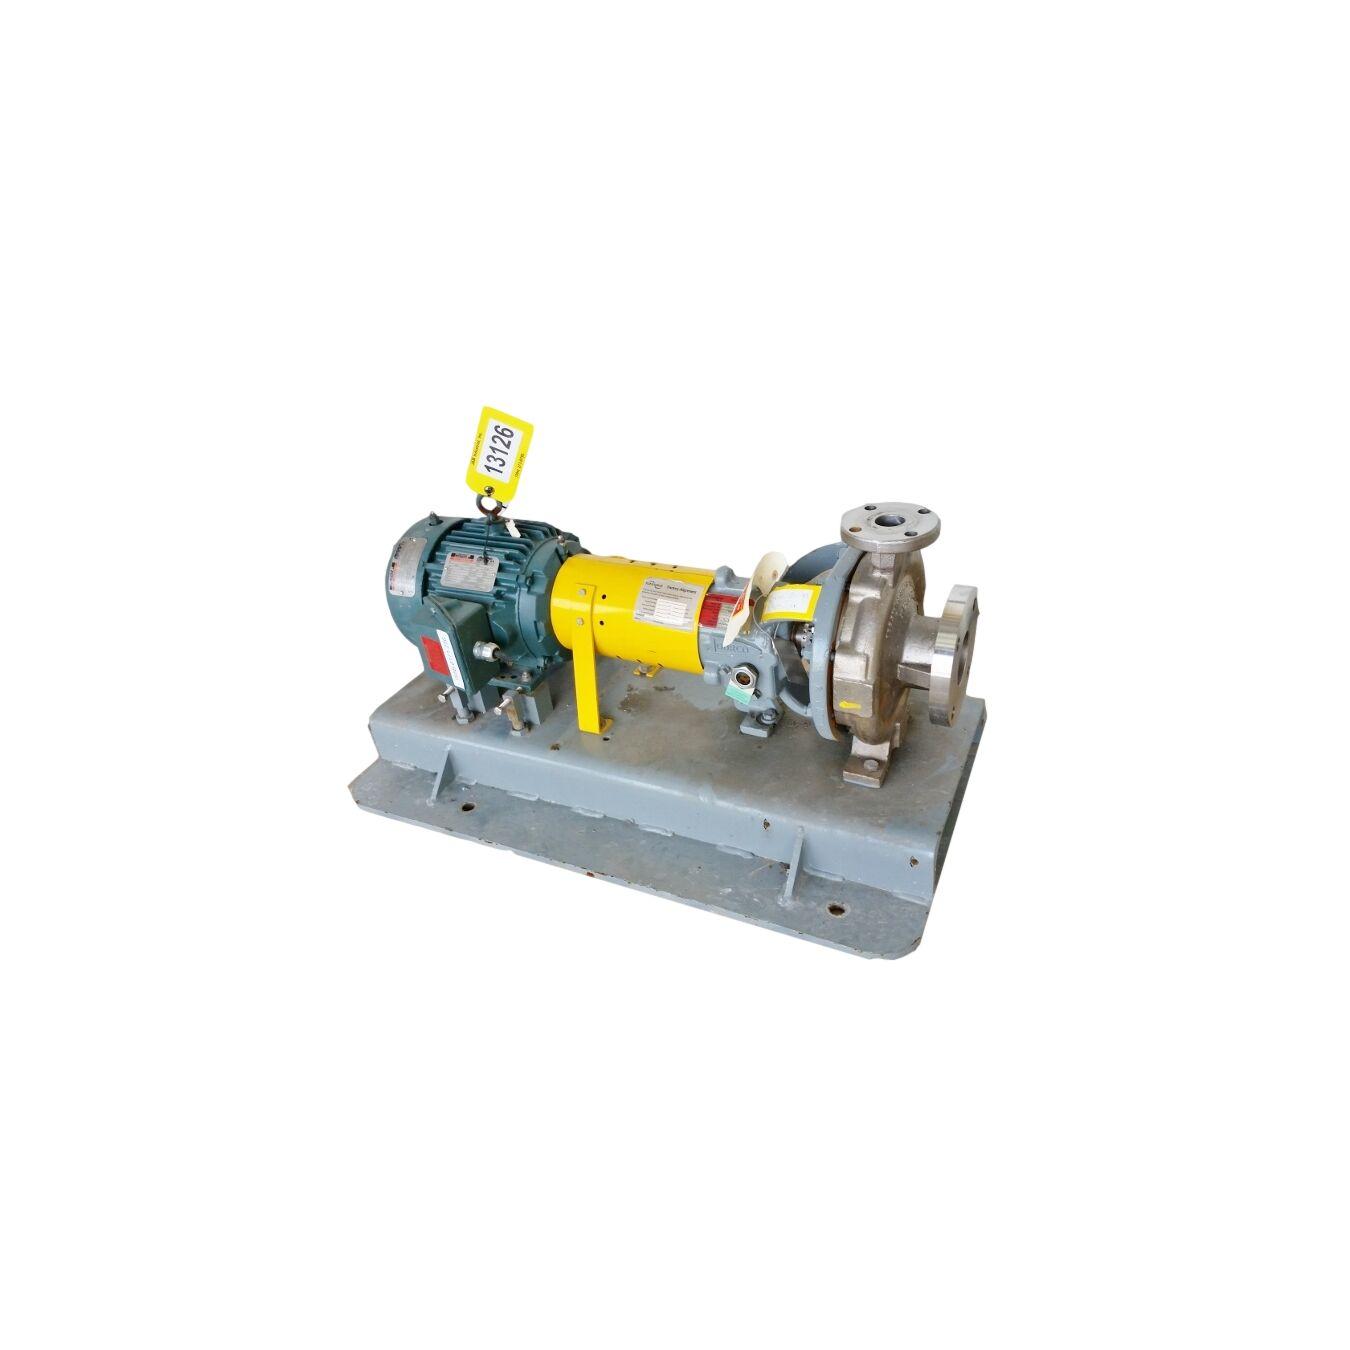 Flowserve pump parts manual